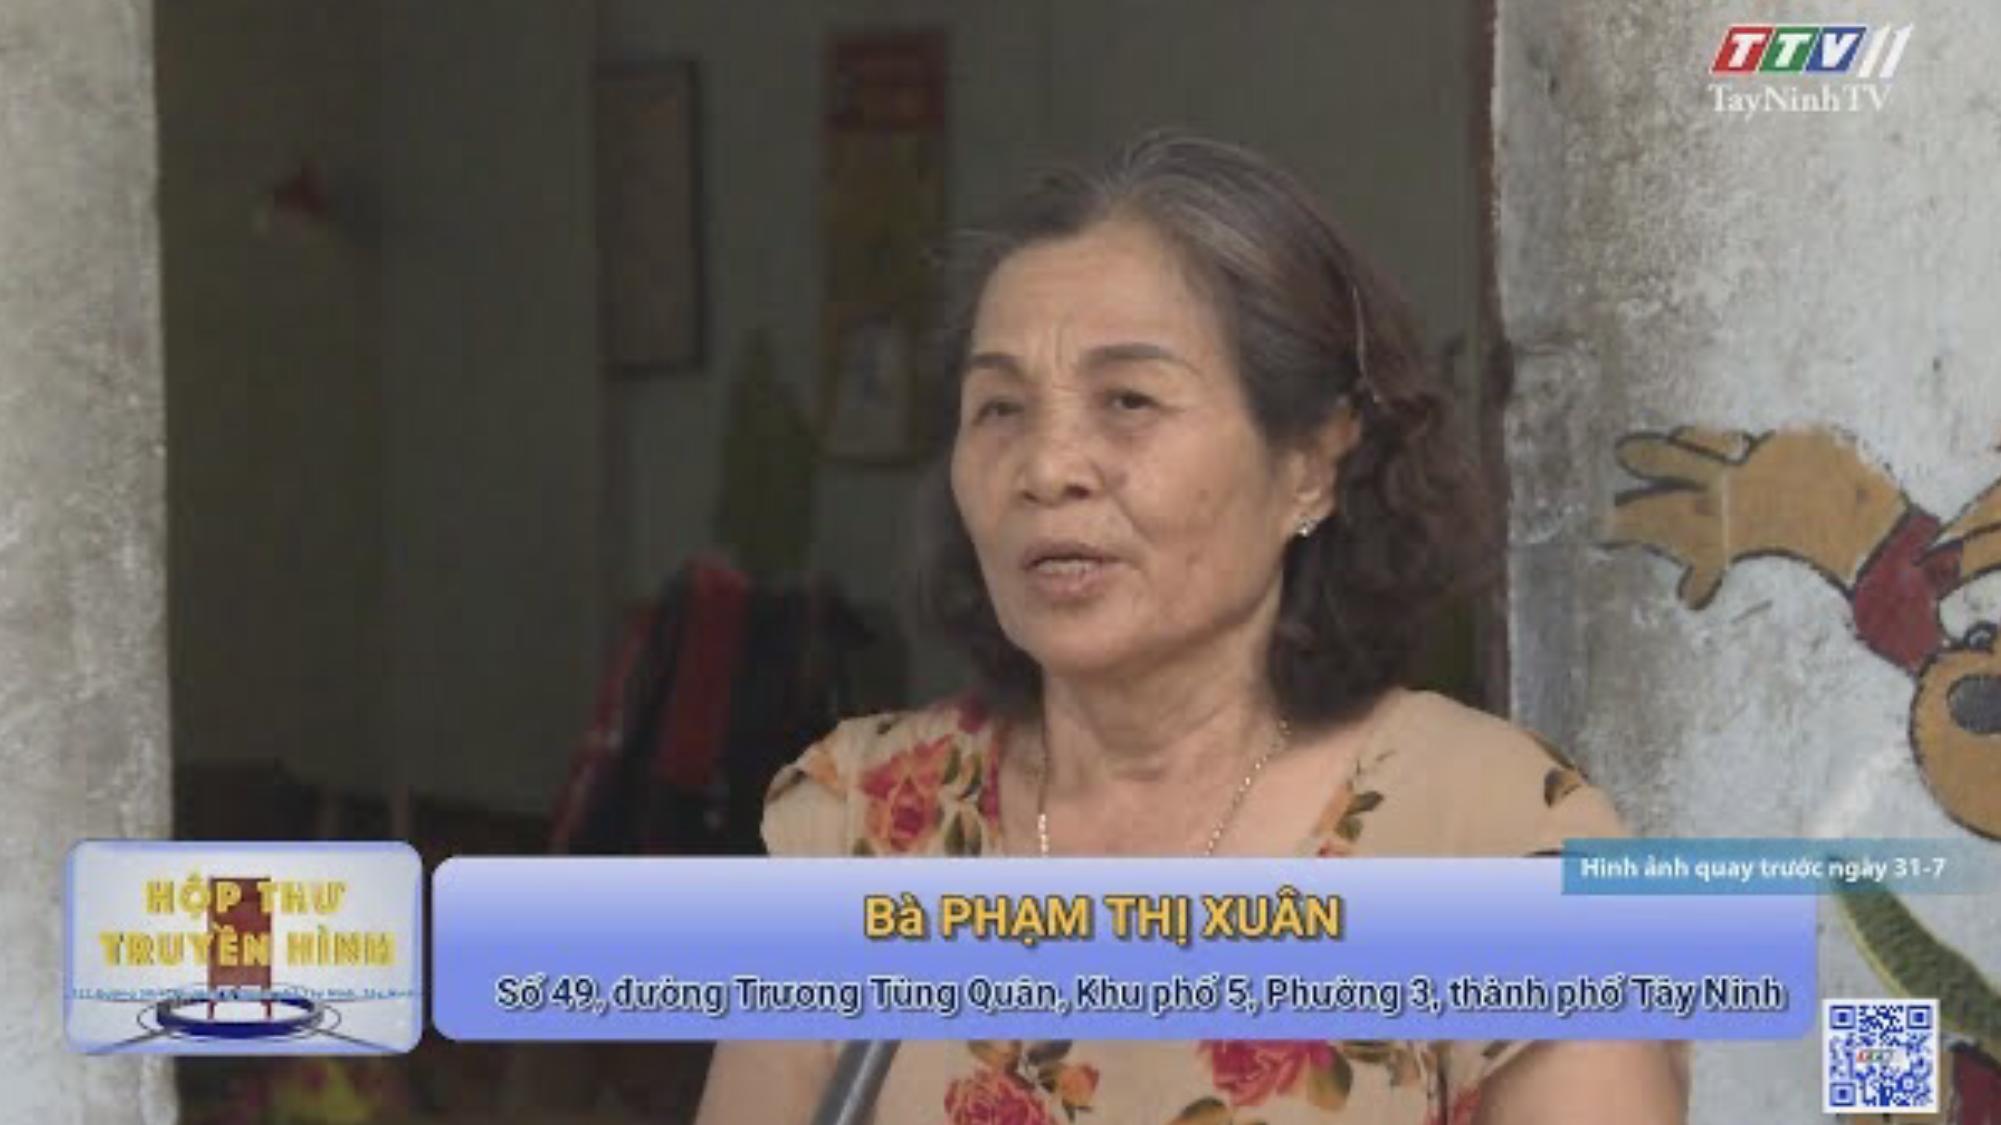 Phản ánh của bà Phạm Thị Xuân | Hộp thư truyền hình | TayNinhTV